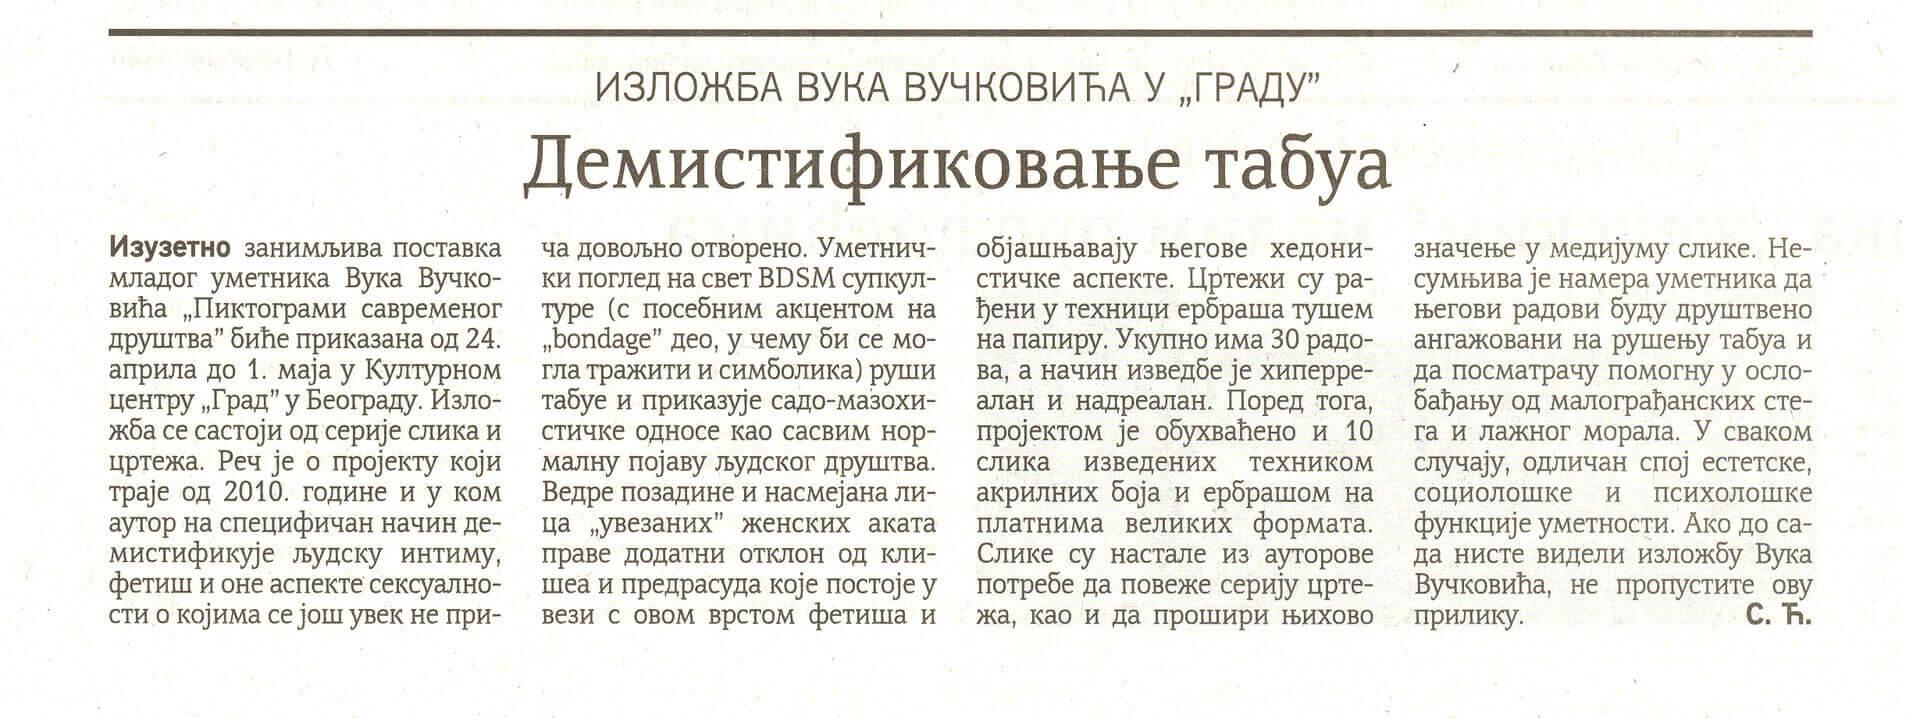 Izložba u KC Gradu, tekst objavljen u Pančevcu, 2012.